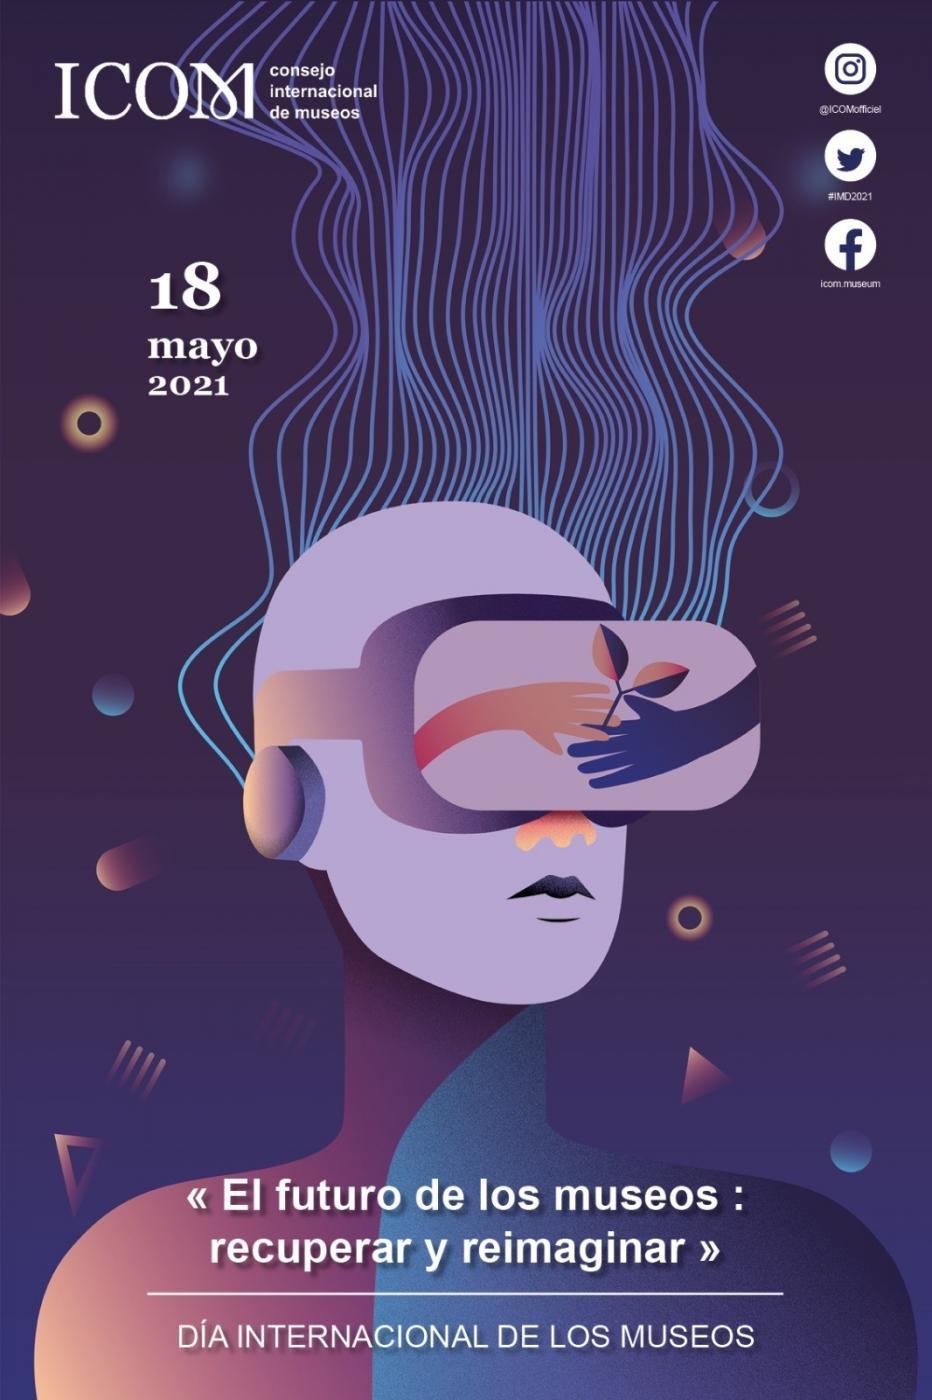 La Junta celebra el Día Internacional de los Museos con un extenso programa en Cádiz